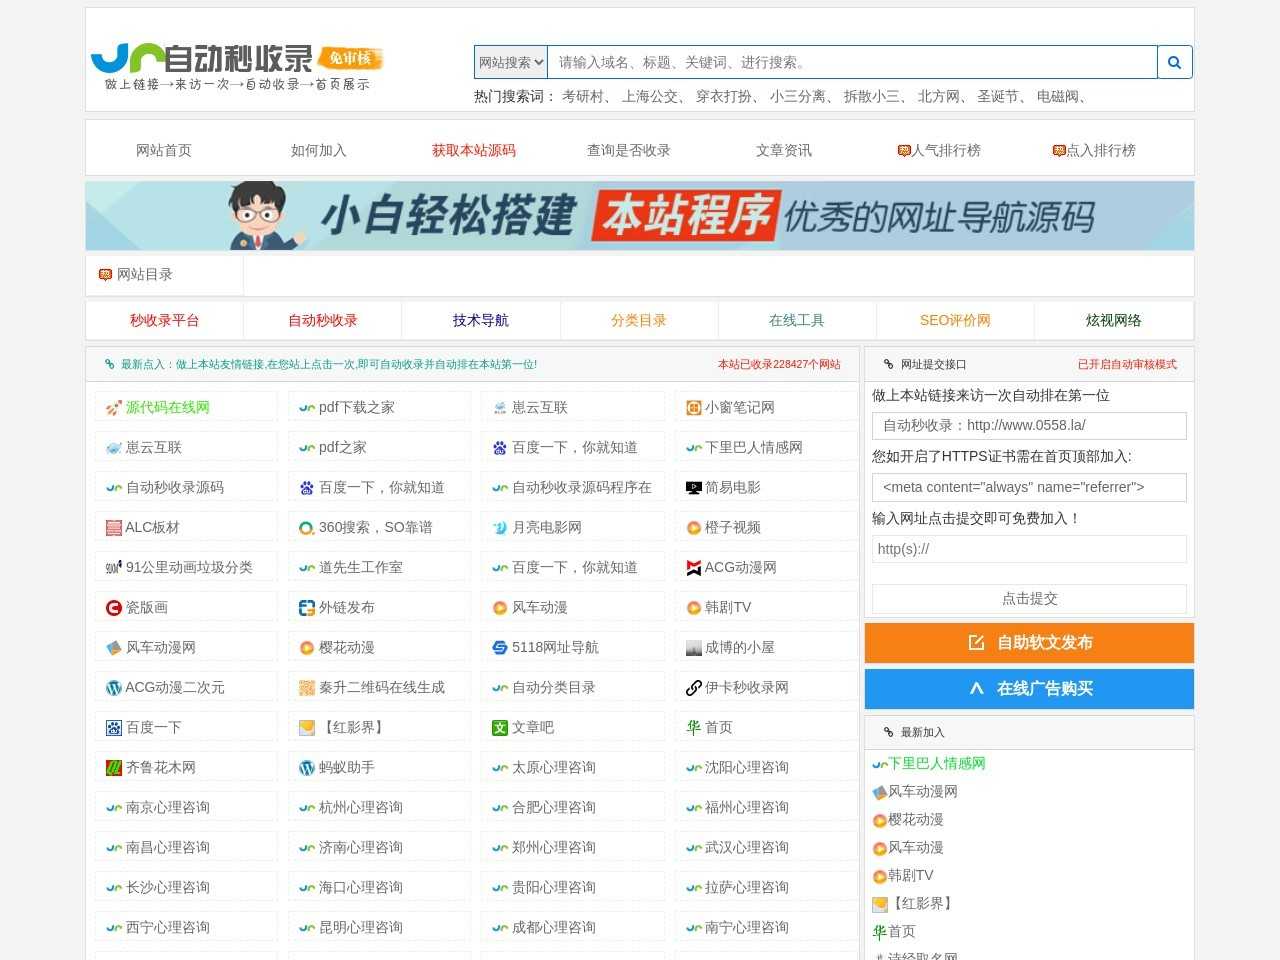 炫视网络:专注于SEO优化相关网站程序开发与服务 - xuanshi.link